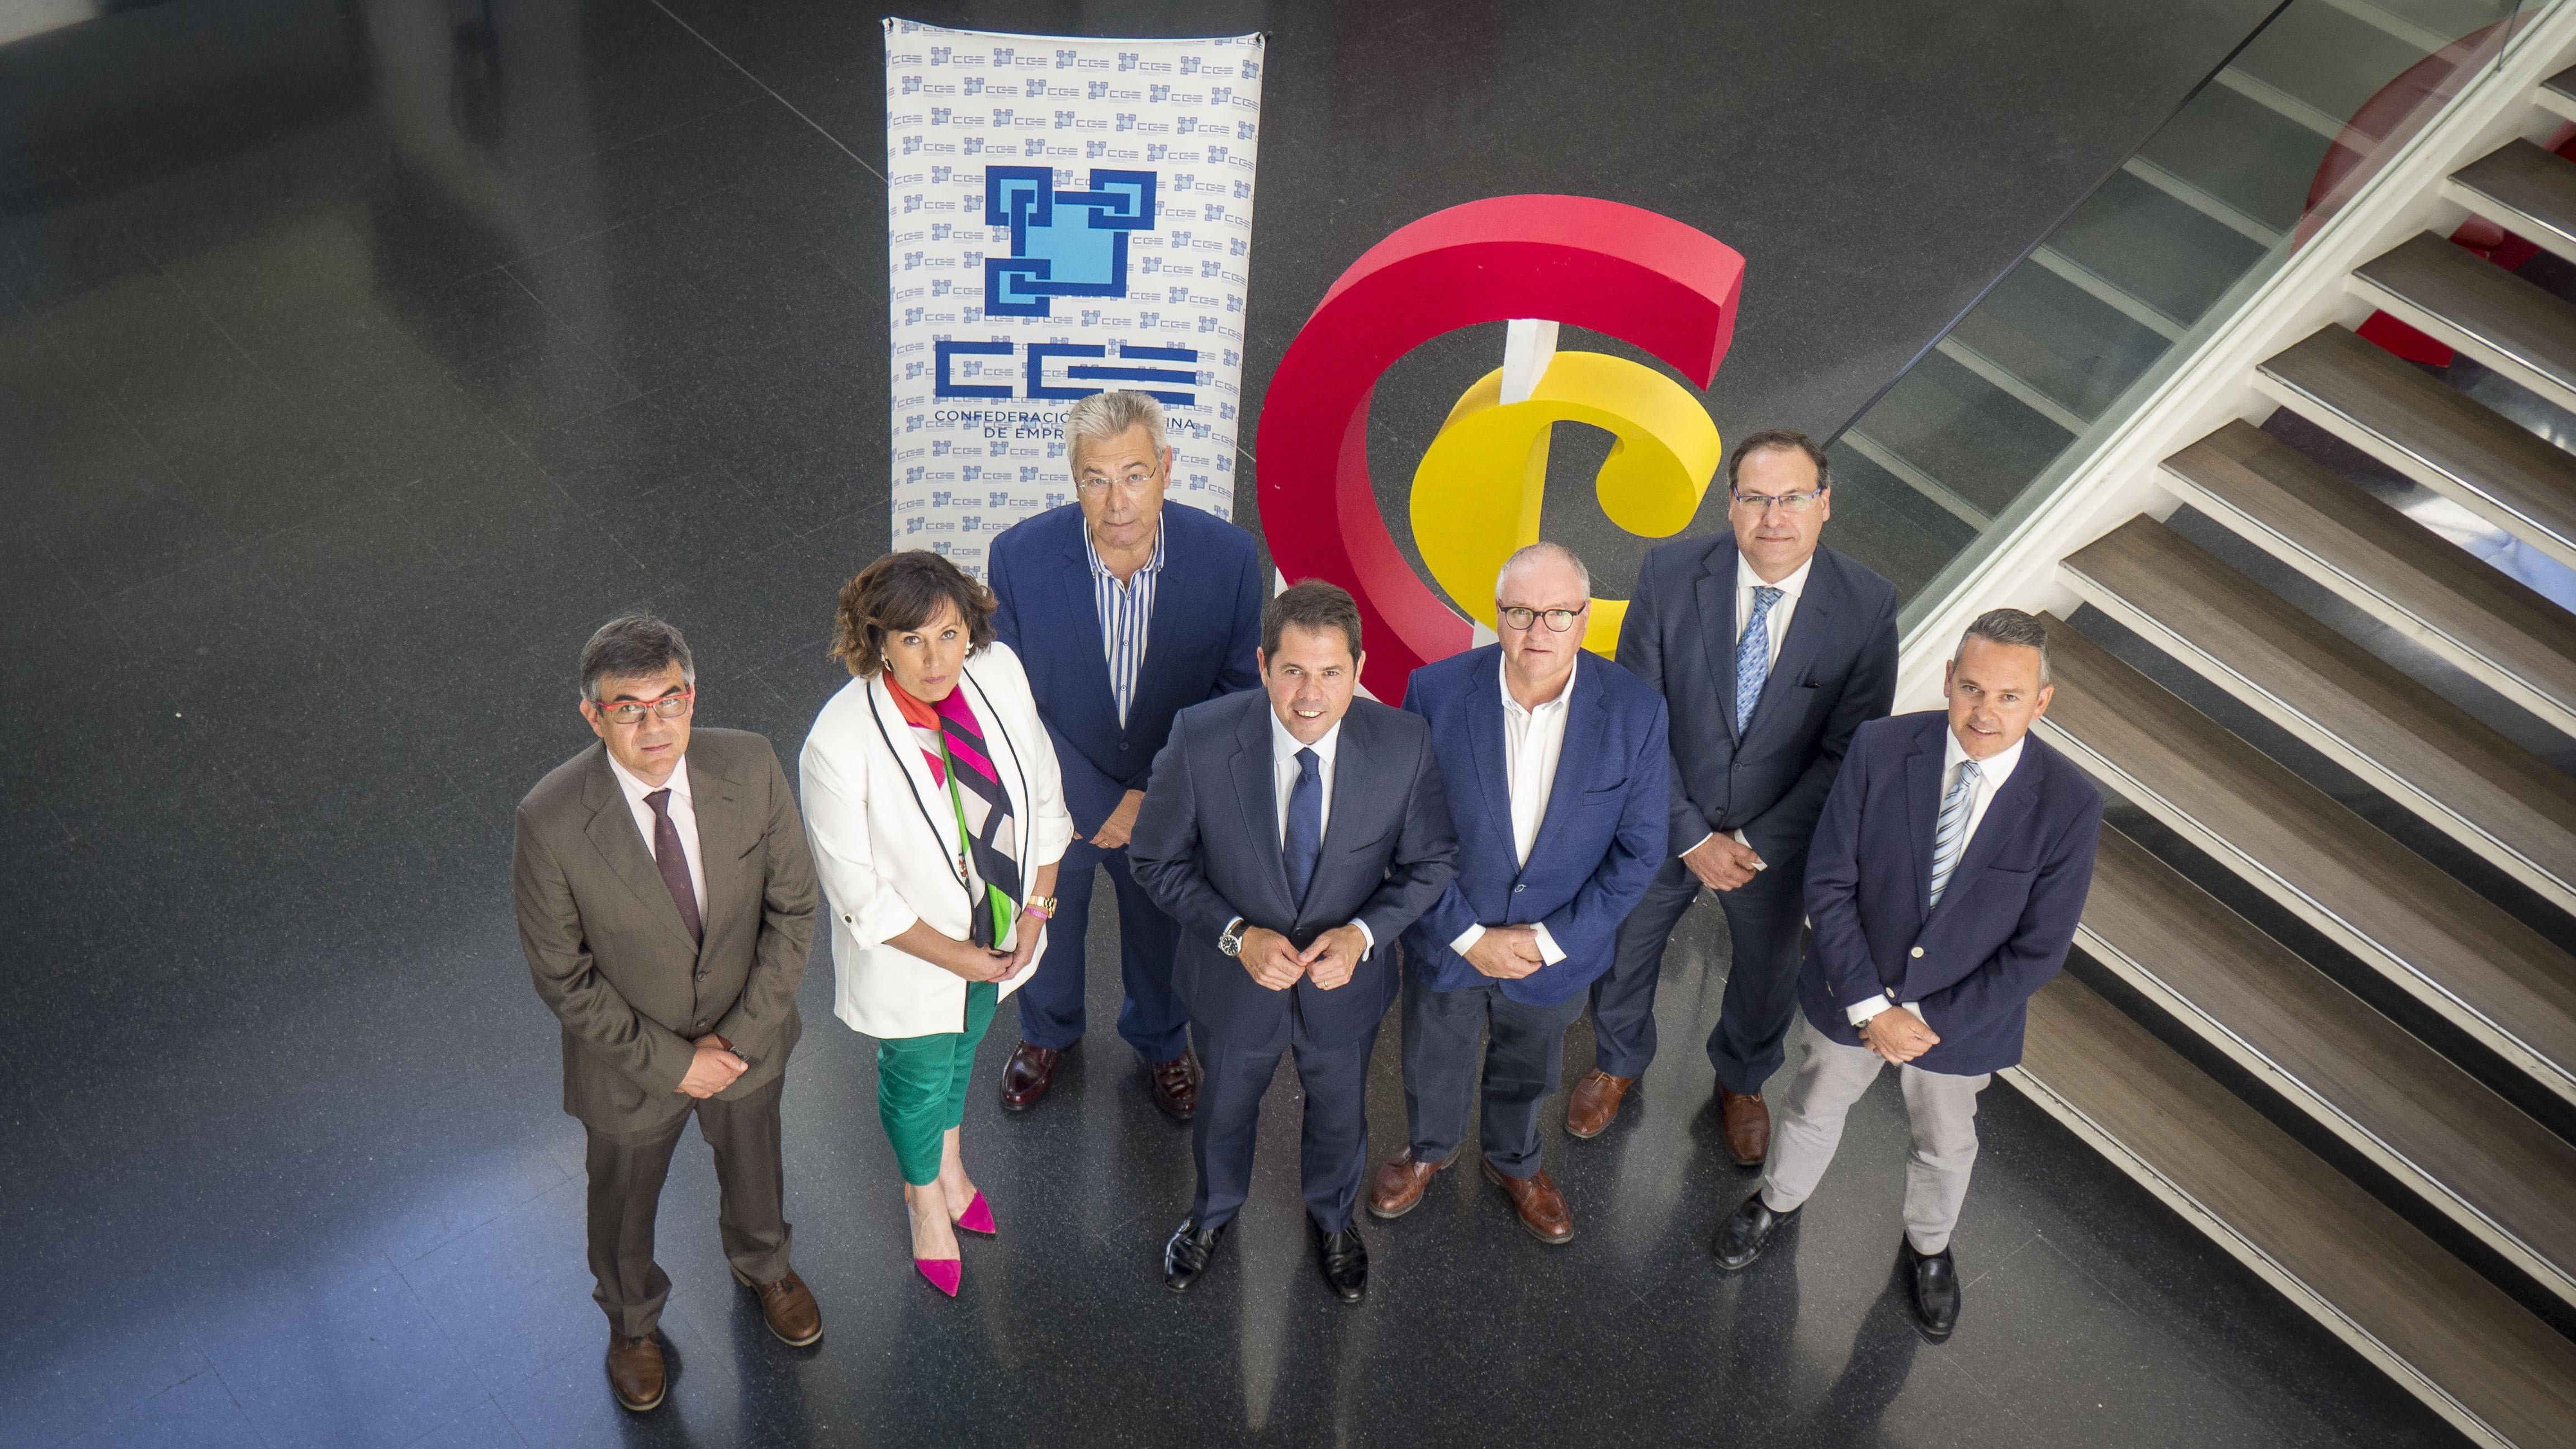 La CGE y la Cámara de Comercio unen fuerzas para mejorar sus servicios a las empresas y autónomos granadinos